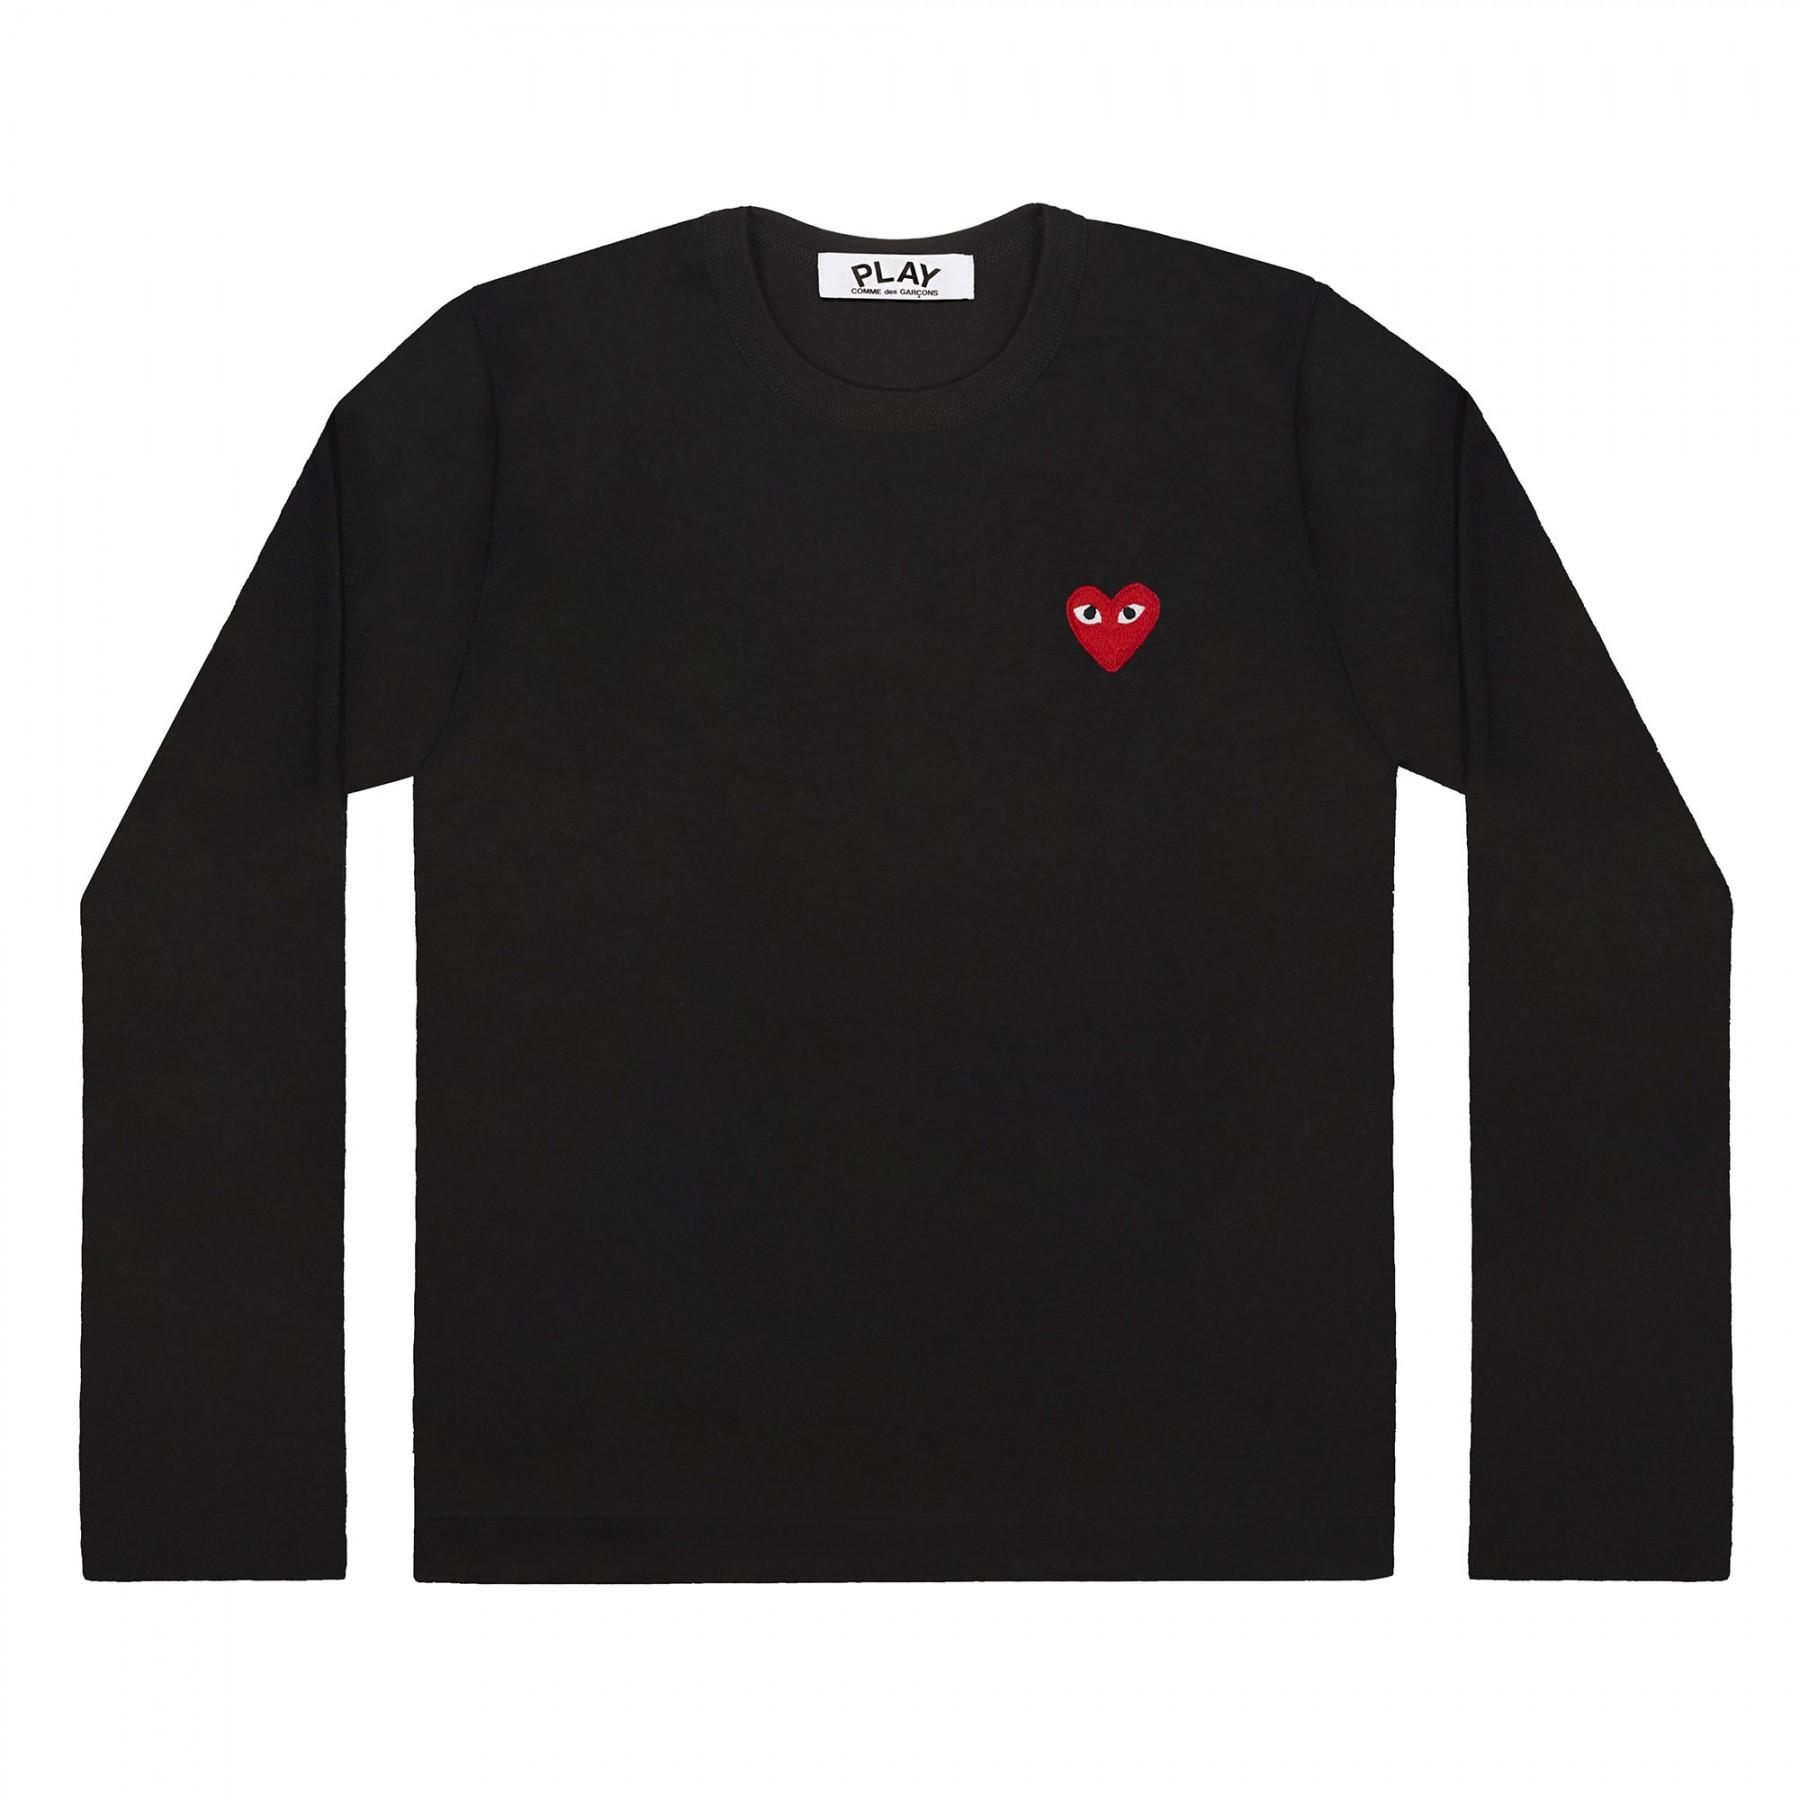 꼼데가르송 PLAY 블랙 티셔츠 원포인트 레드하트 (남성)